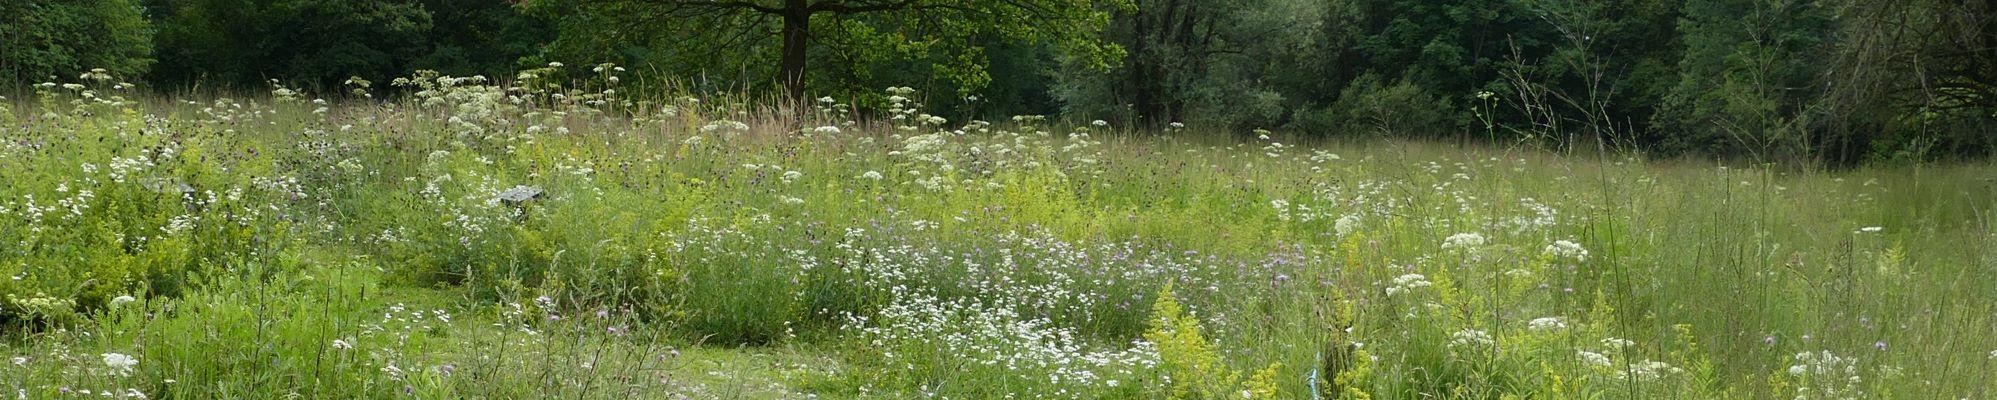 In den Wiesen dürfen Gräser und Blumen wachsen